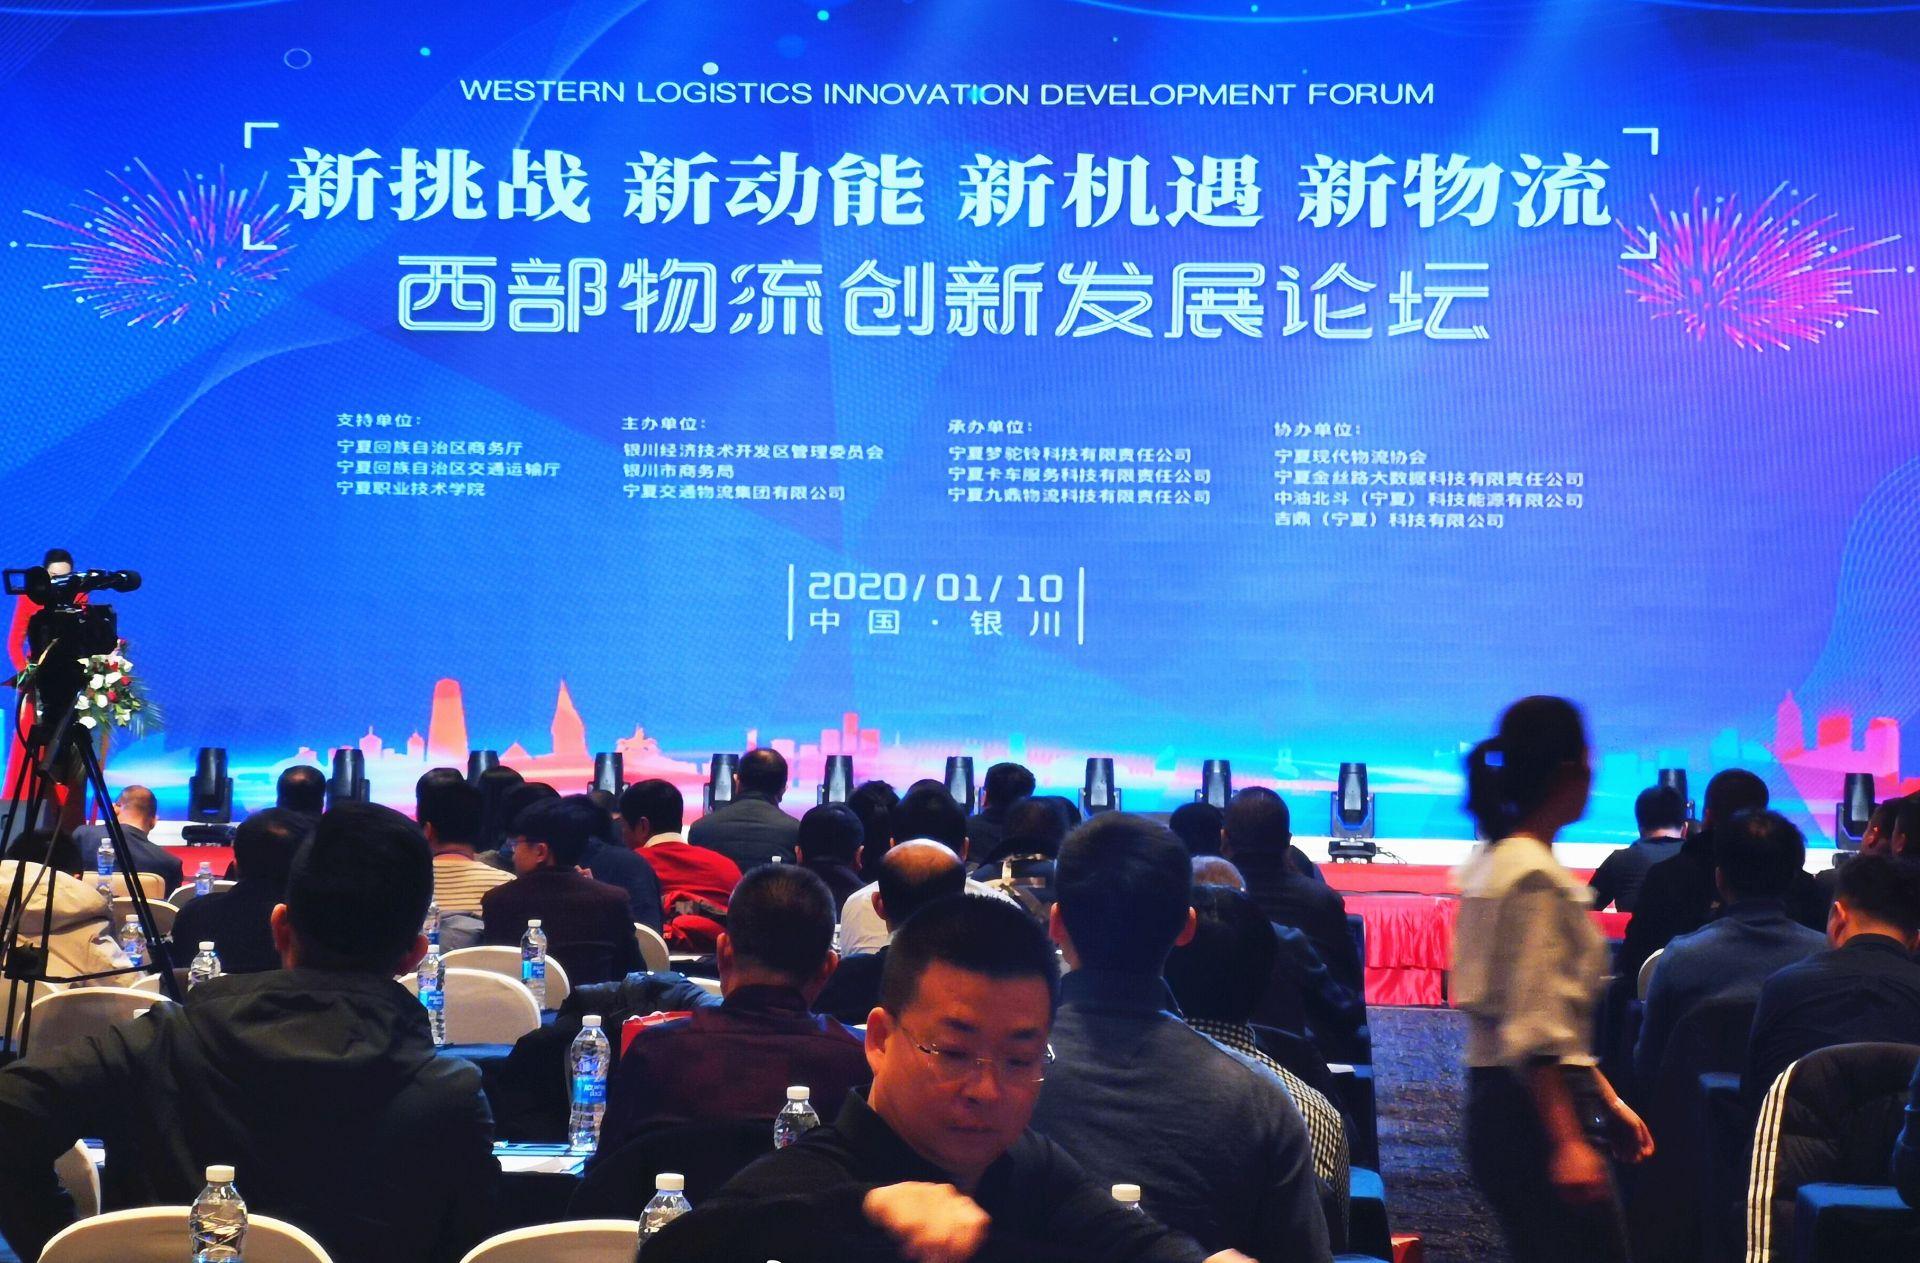 2020年西部物流创新发展论坛在银川举办